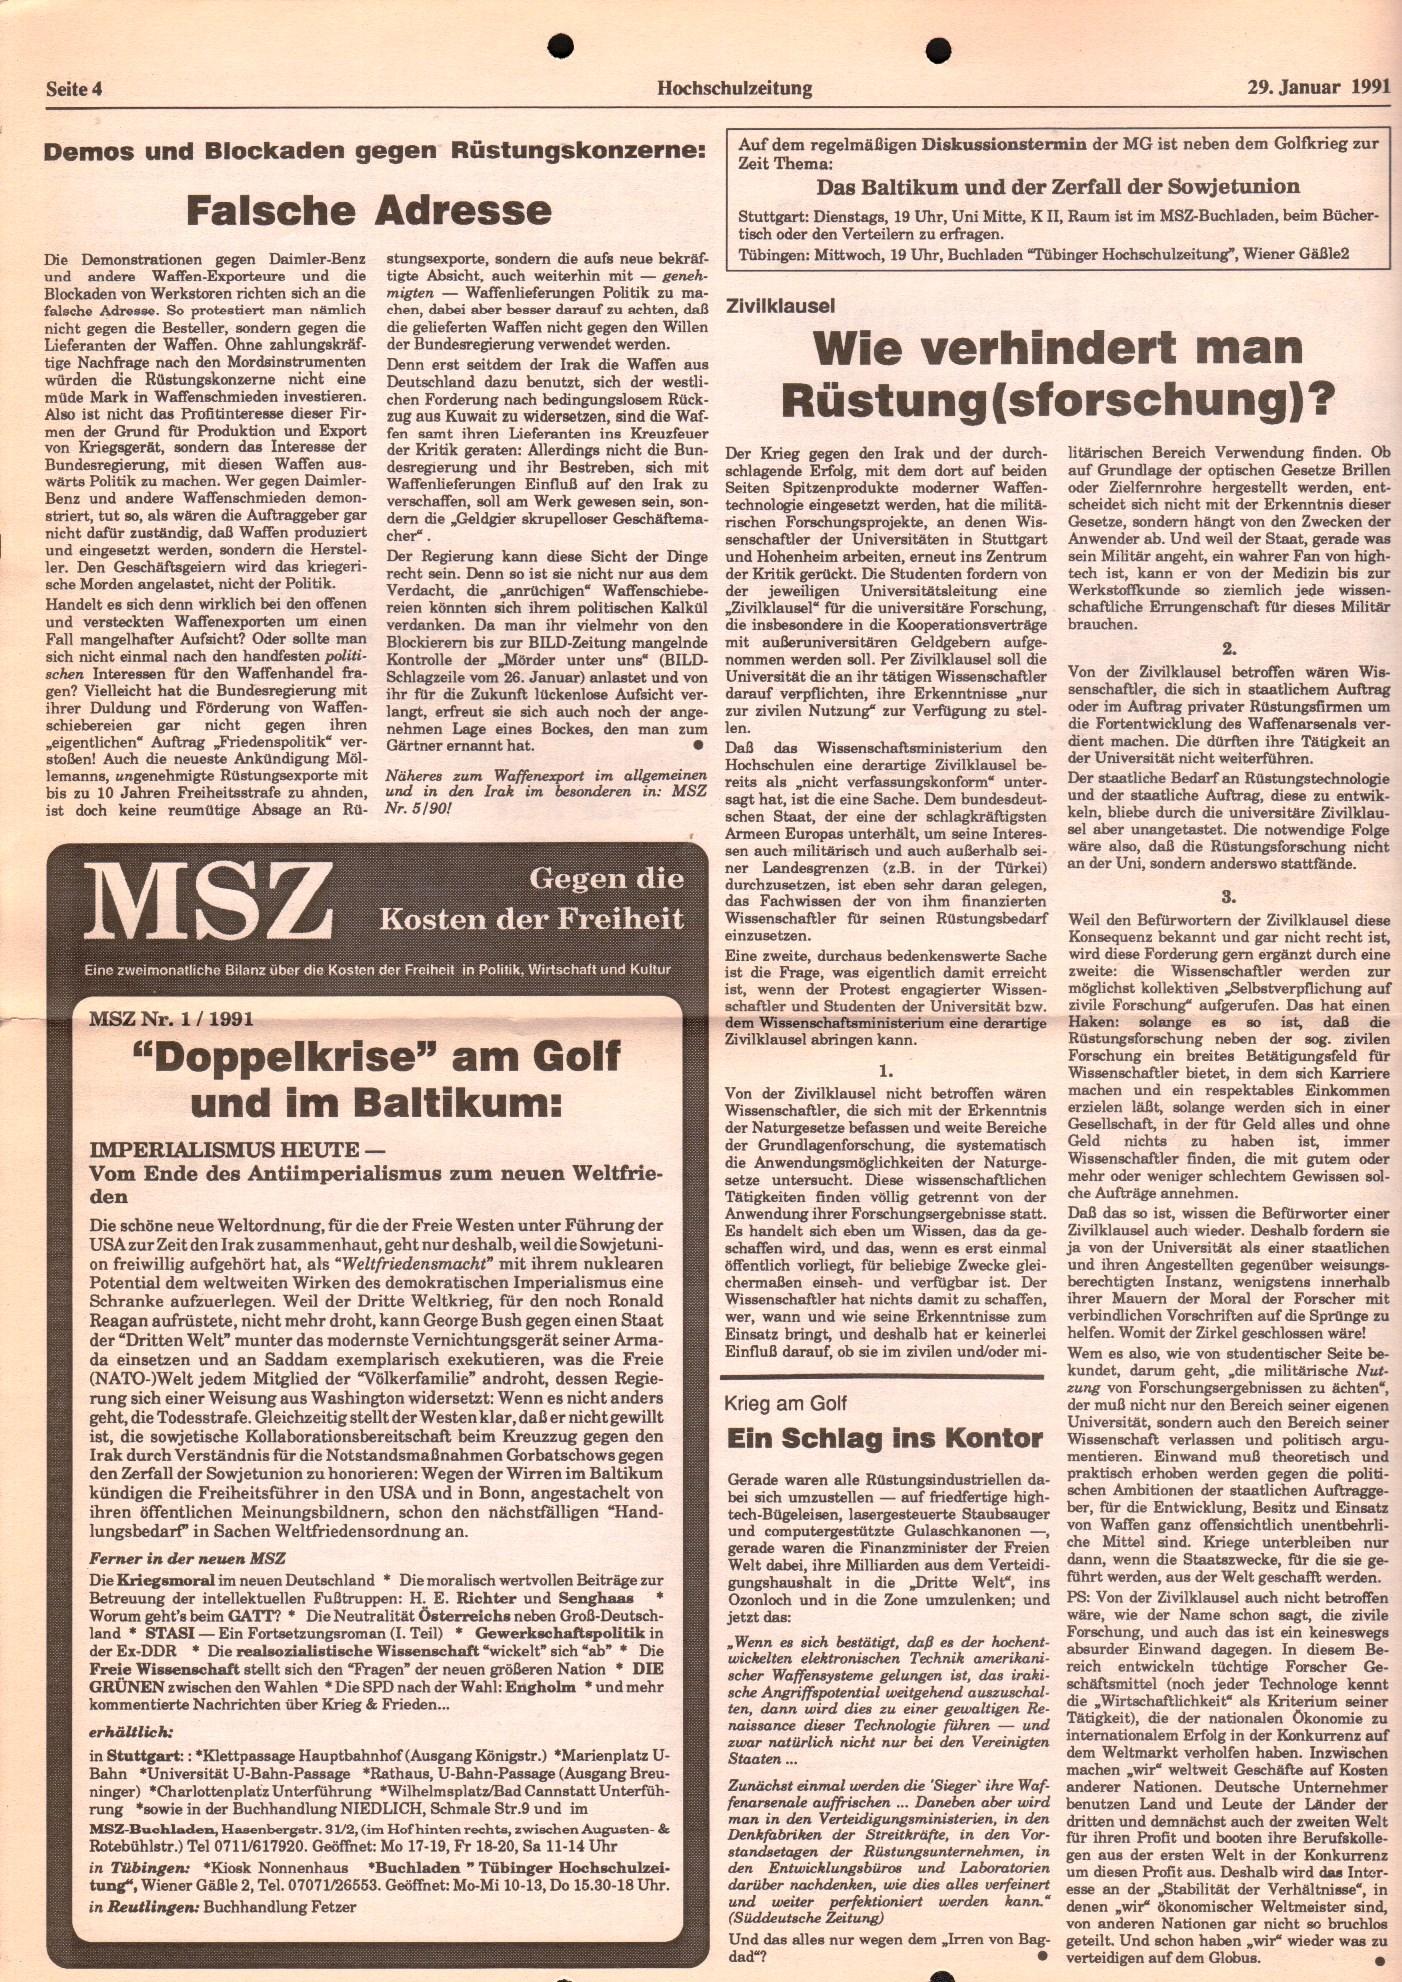 Tuebingen_MG_Hochschulzeitung_1991_02_04